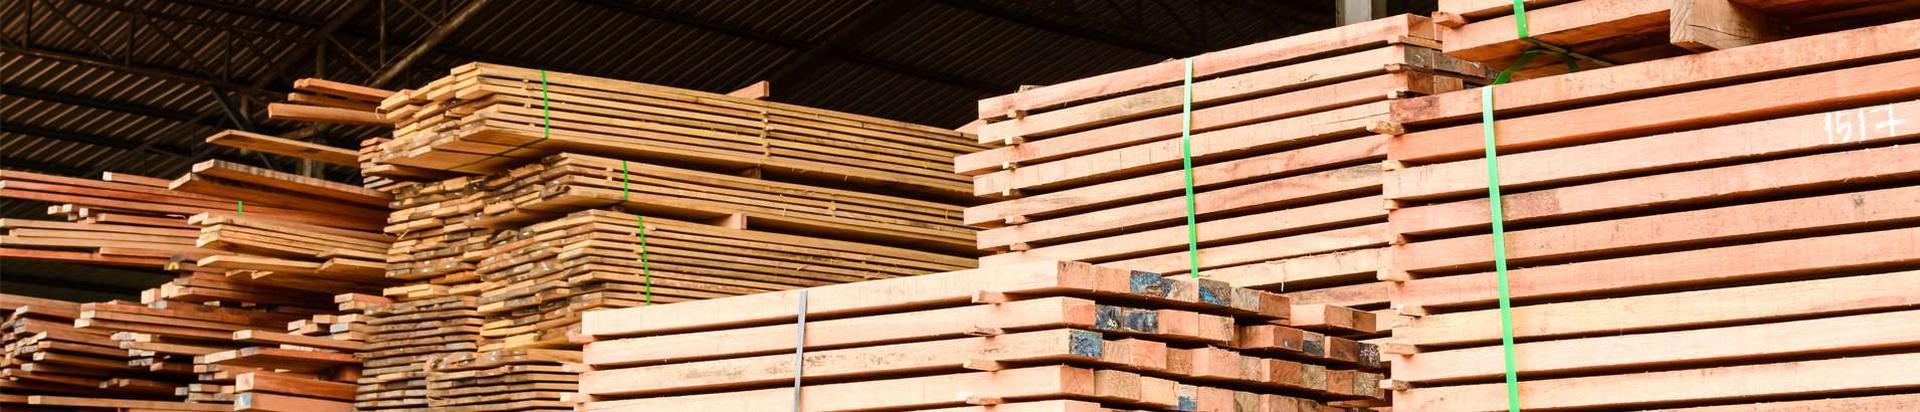 metsatööd, puidu- ja paberitööstus, puidu kokkuost ja müük, Suitsuvorstid, Jaekaubandus